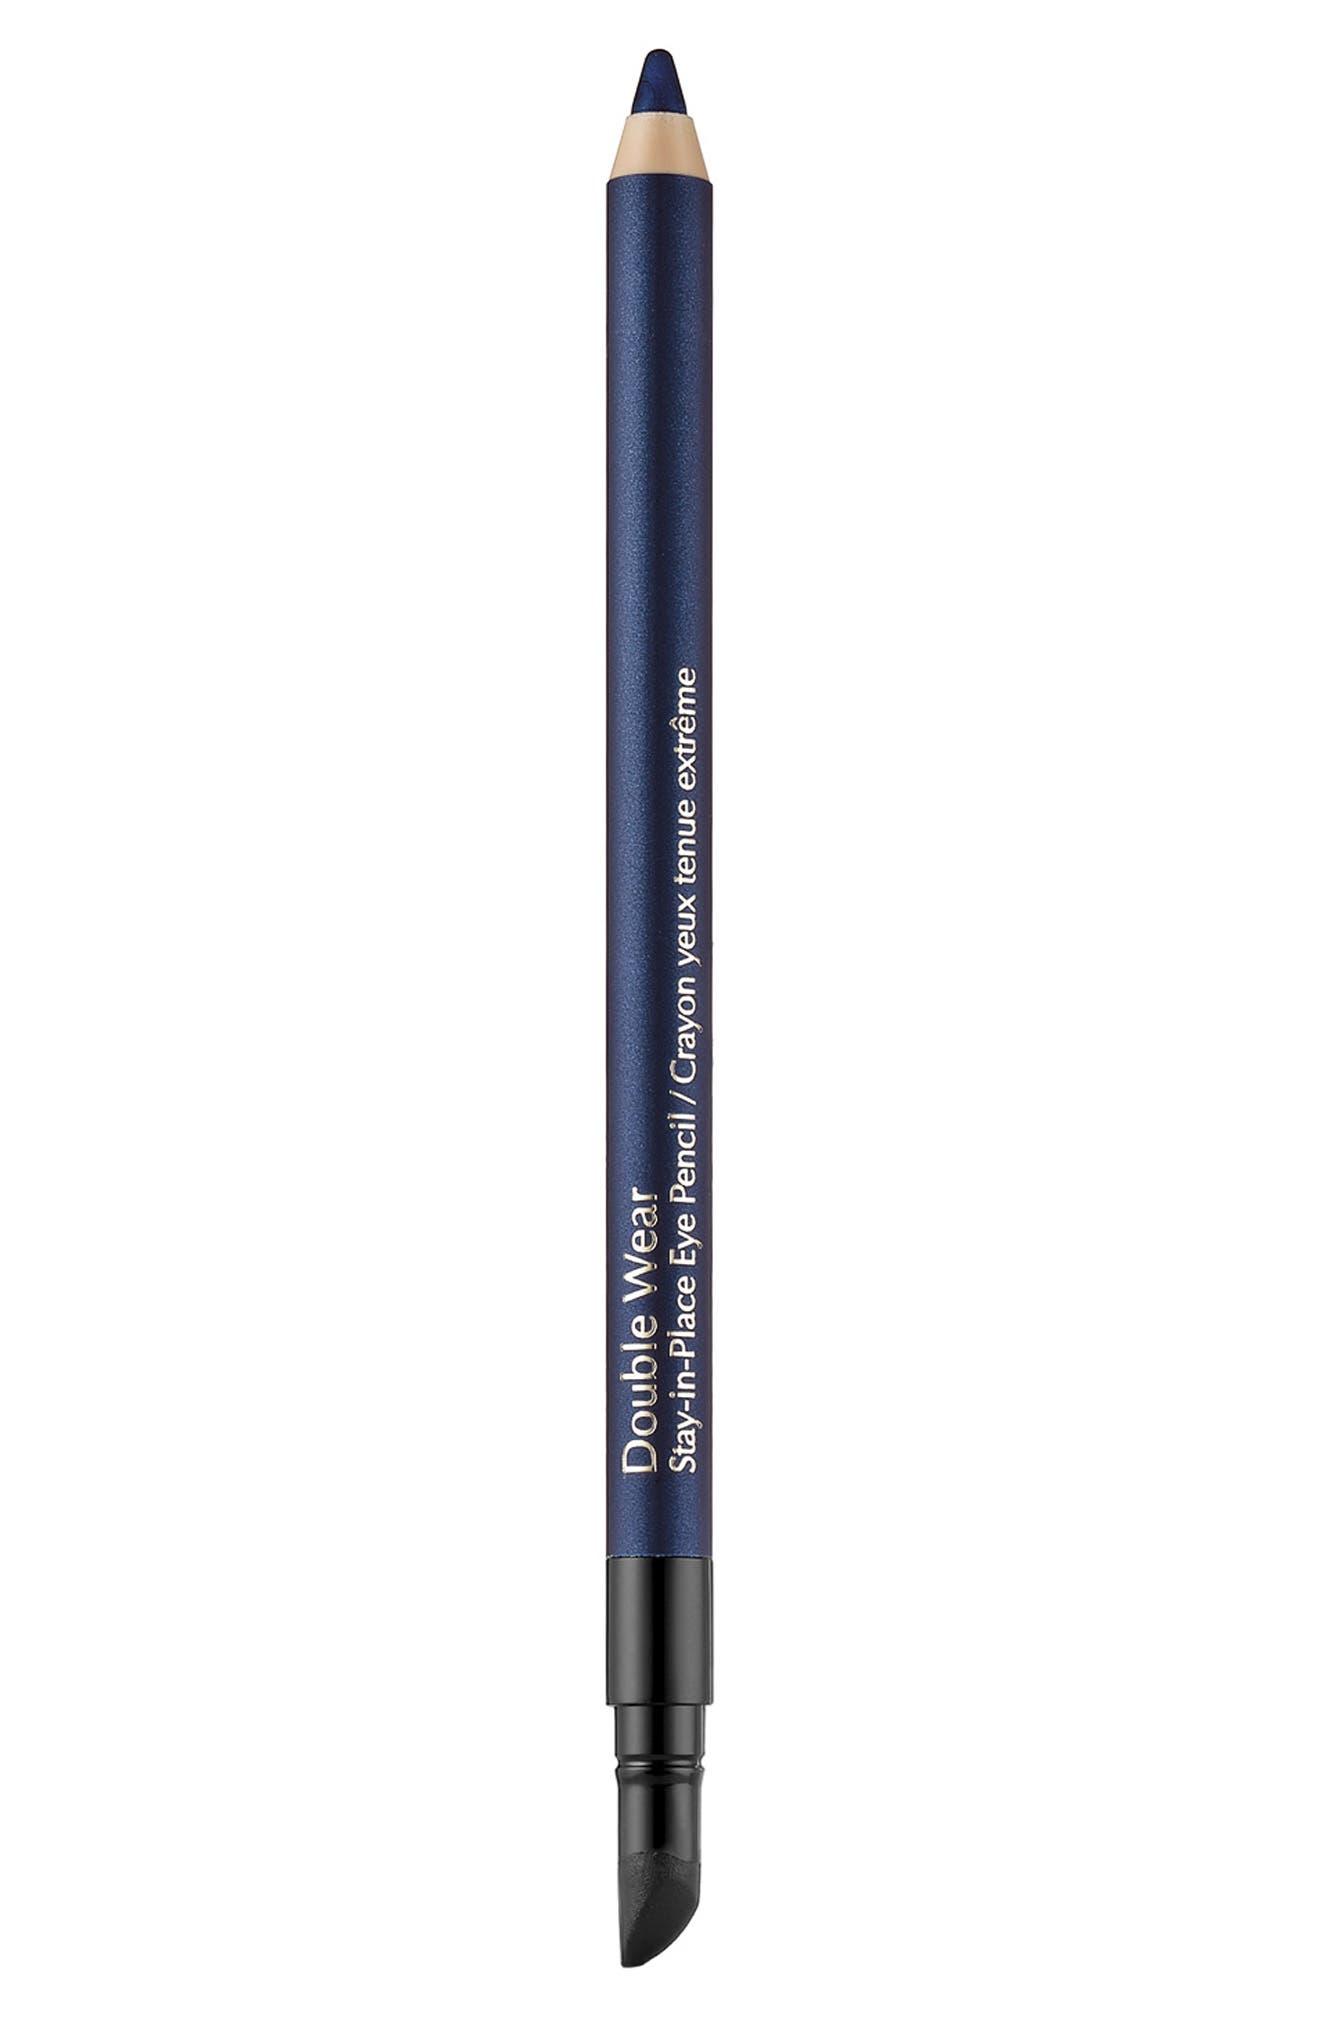 Estee Lauder Double Wear Stay-In-Place Eye Pencil - Sapphire